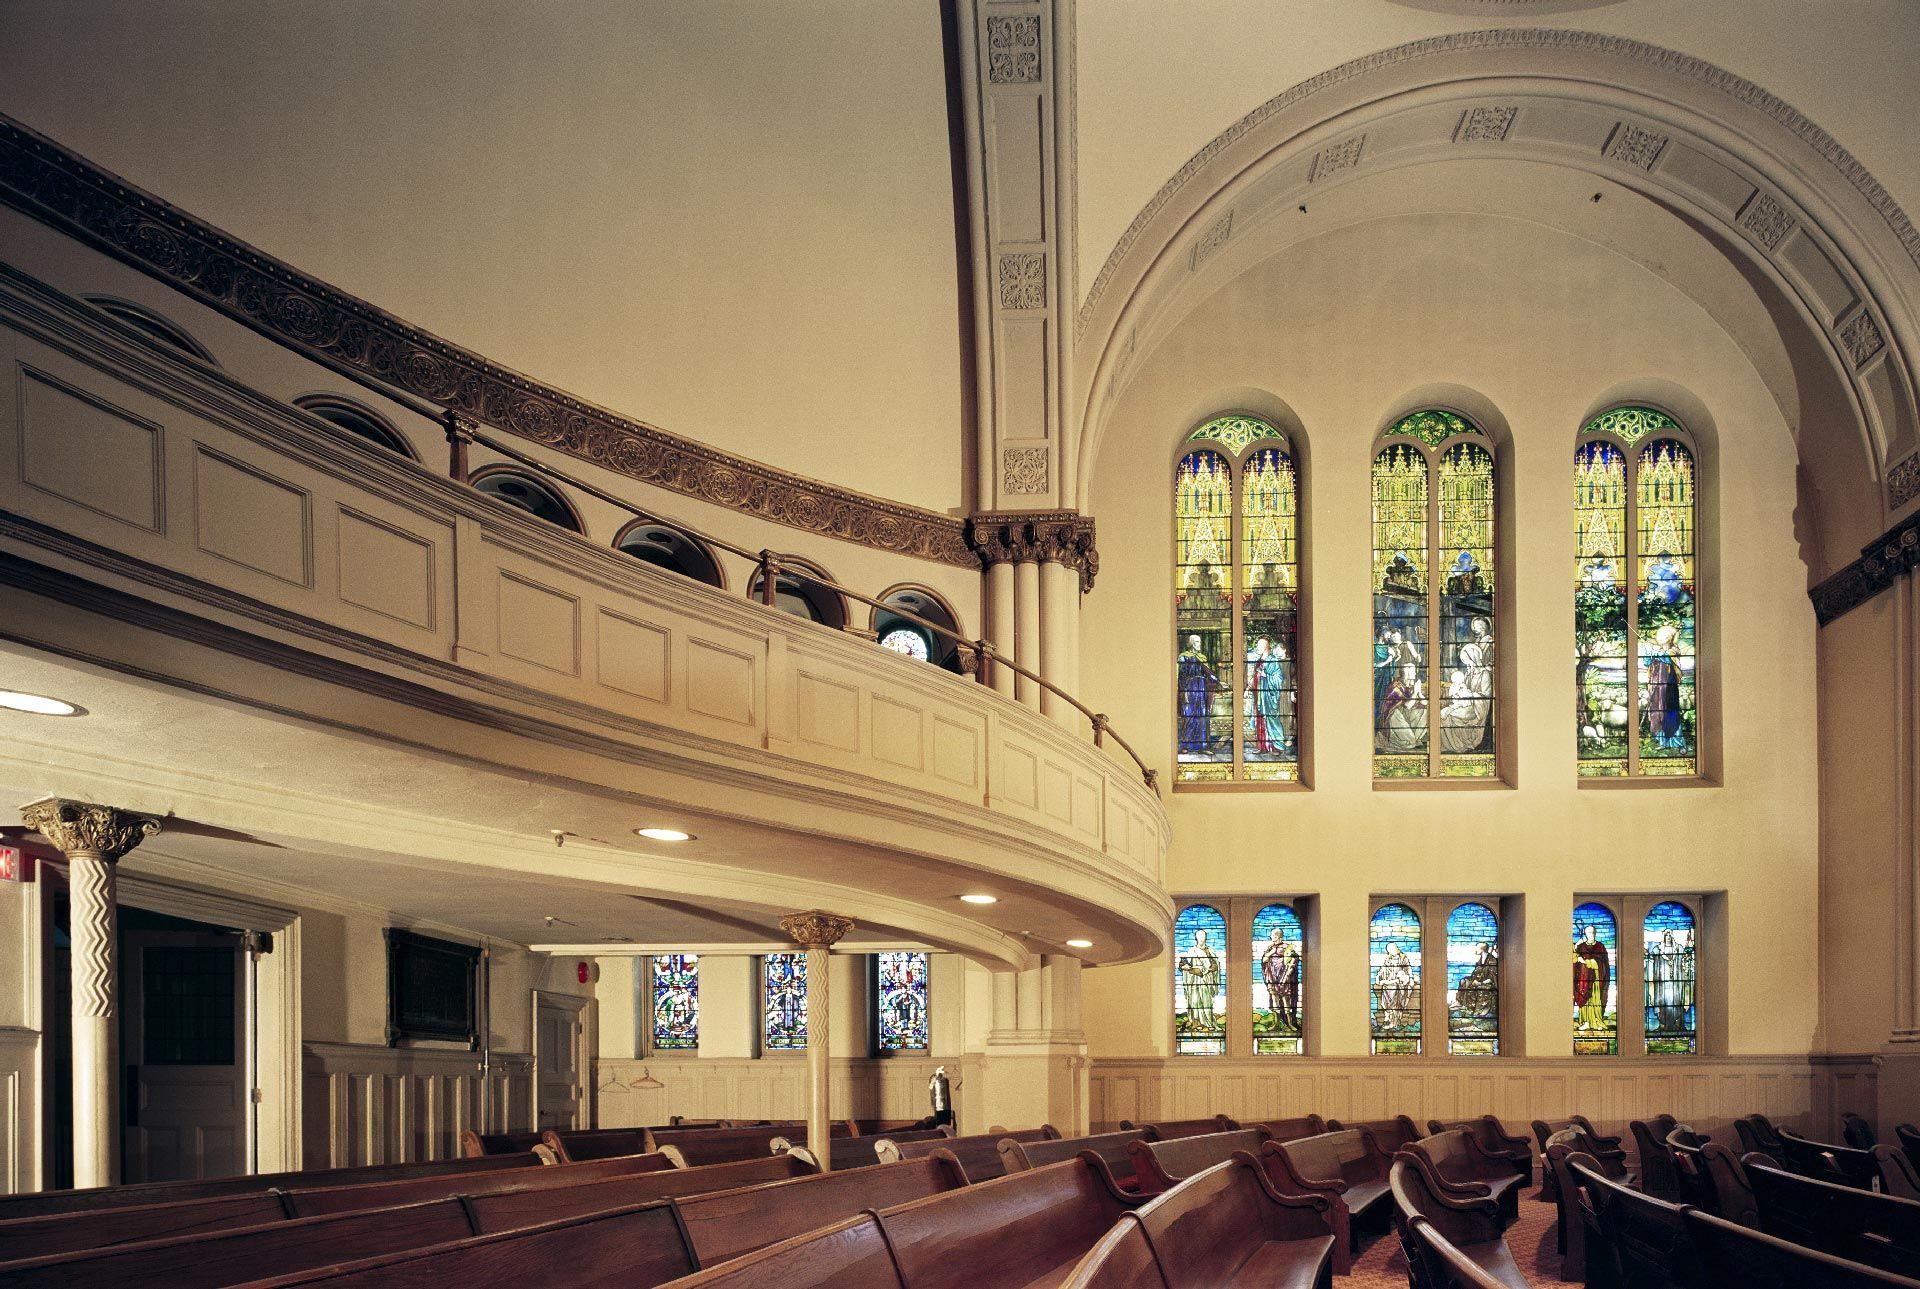 Photo de l'intérieur de l'ancienne église Erskine and American, vue de profil